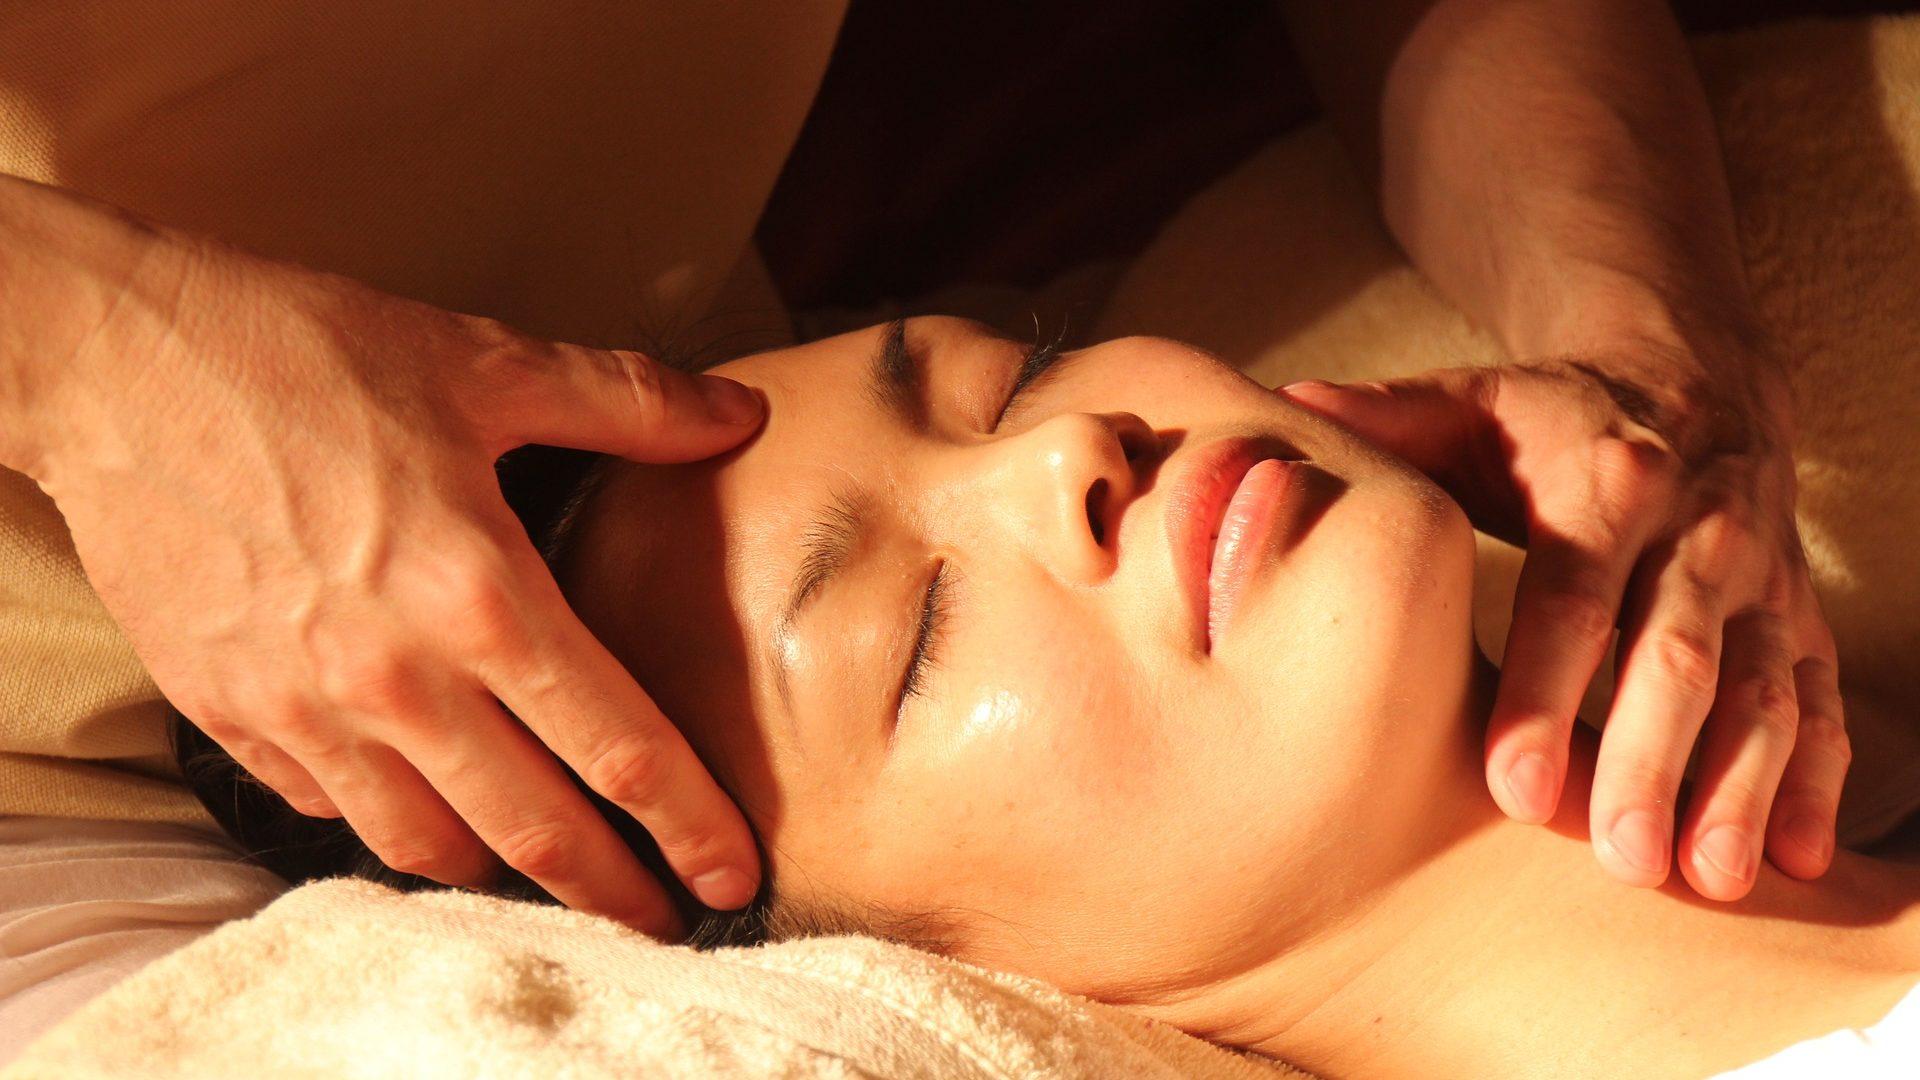 Verwöhnung & Verehrung – Entspannung & Ekstase – Tantramassage für Männer und Frauen